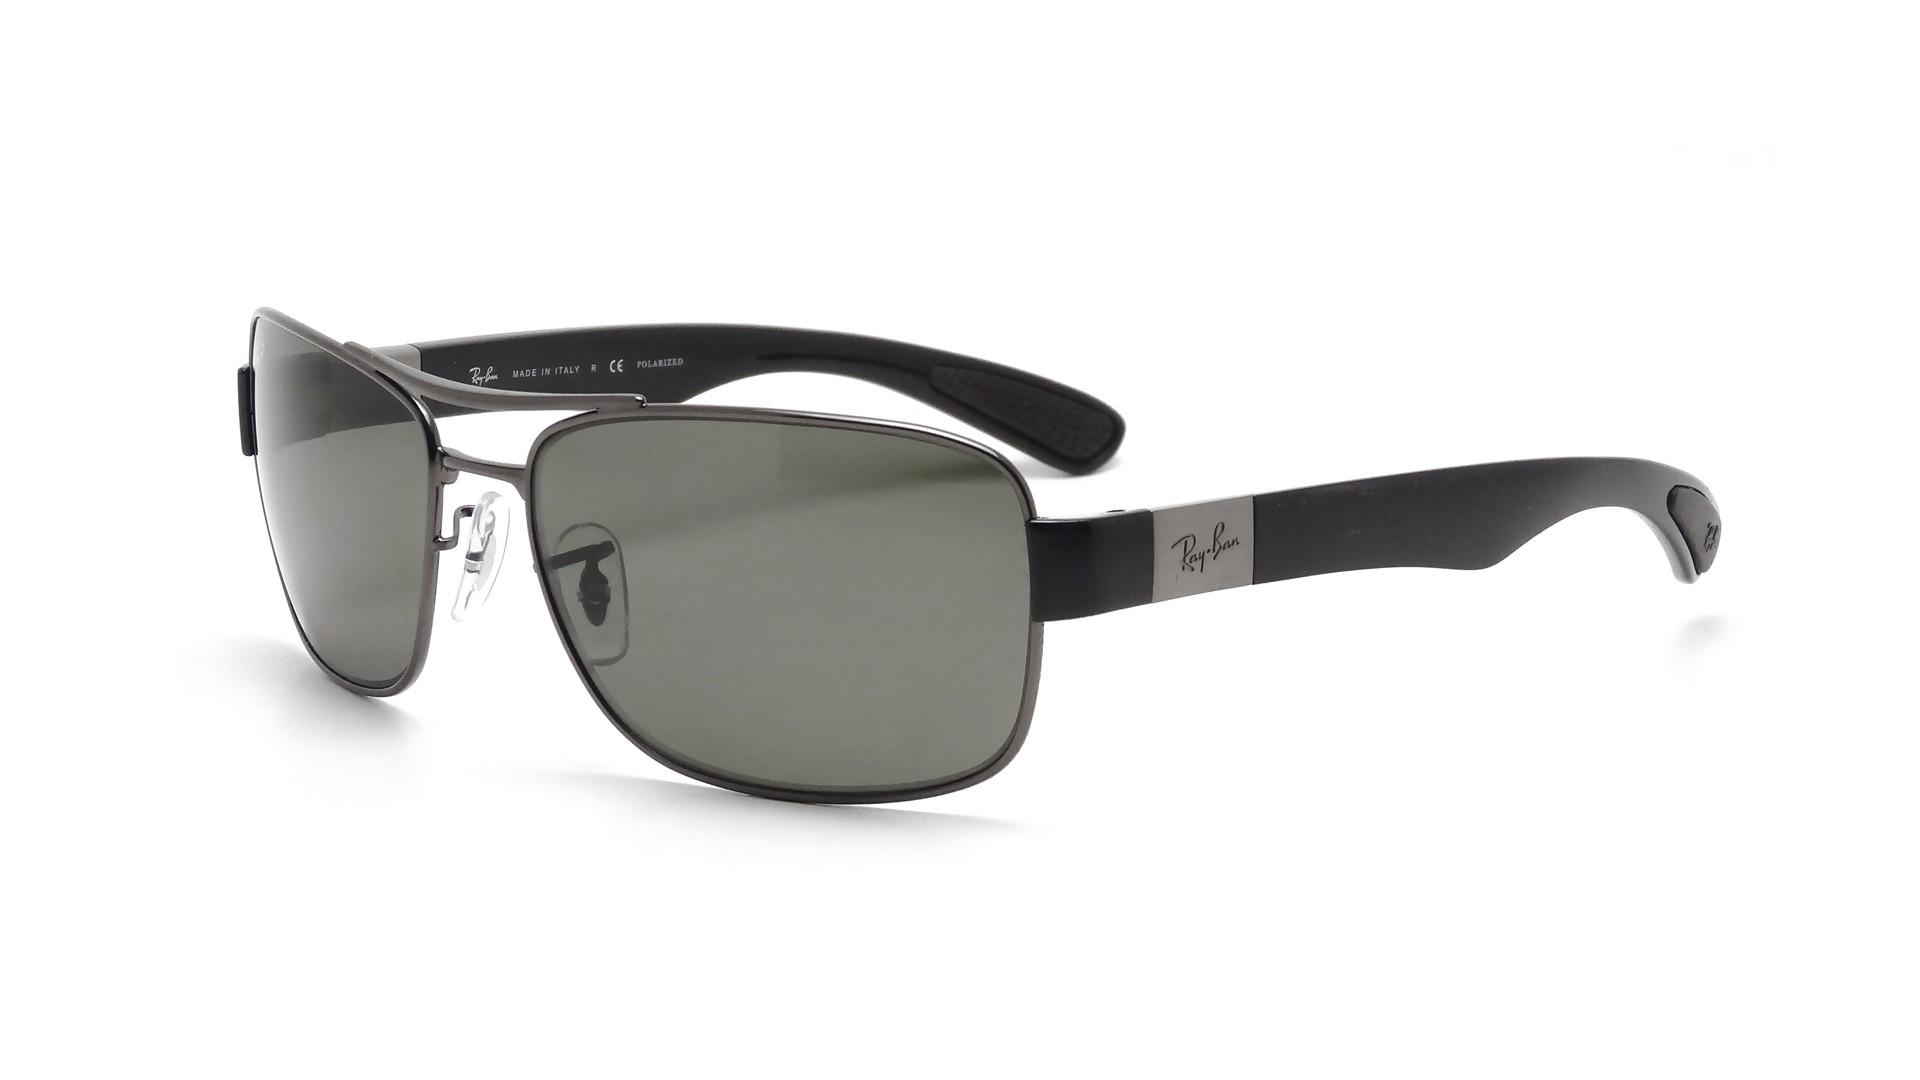 73ac4badf72 Sunglasses Ray-Ban RB3522 004 9A 61-17 Grey Medium Polarized